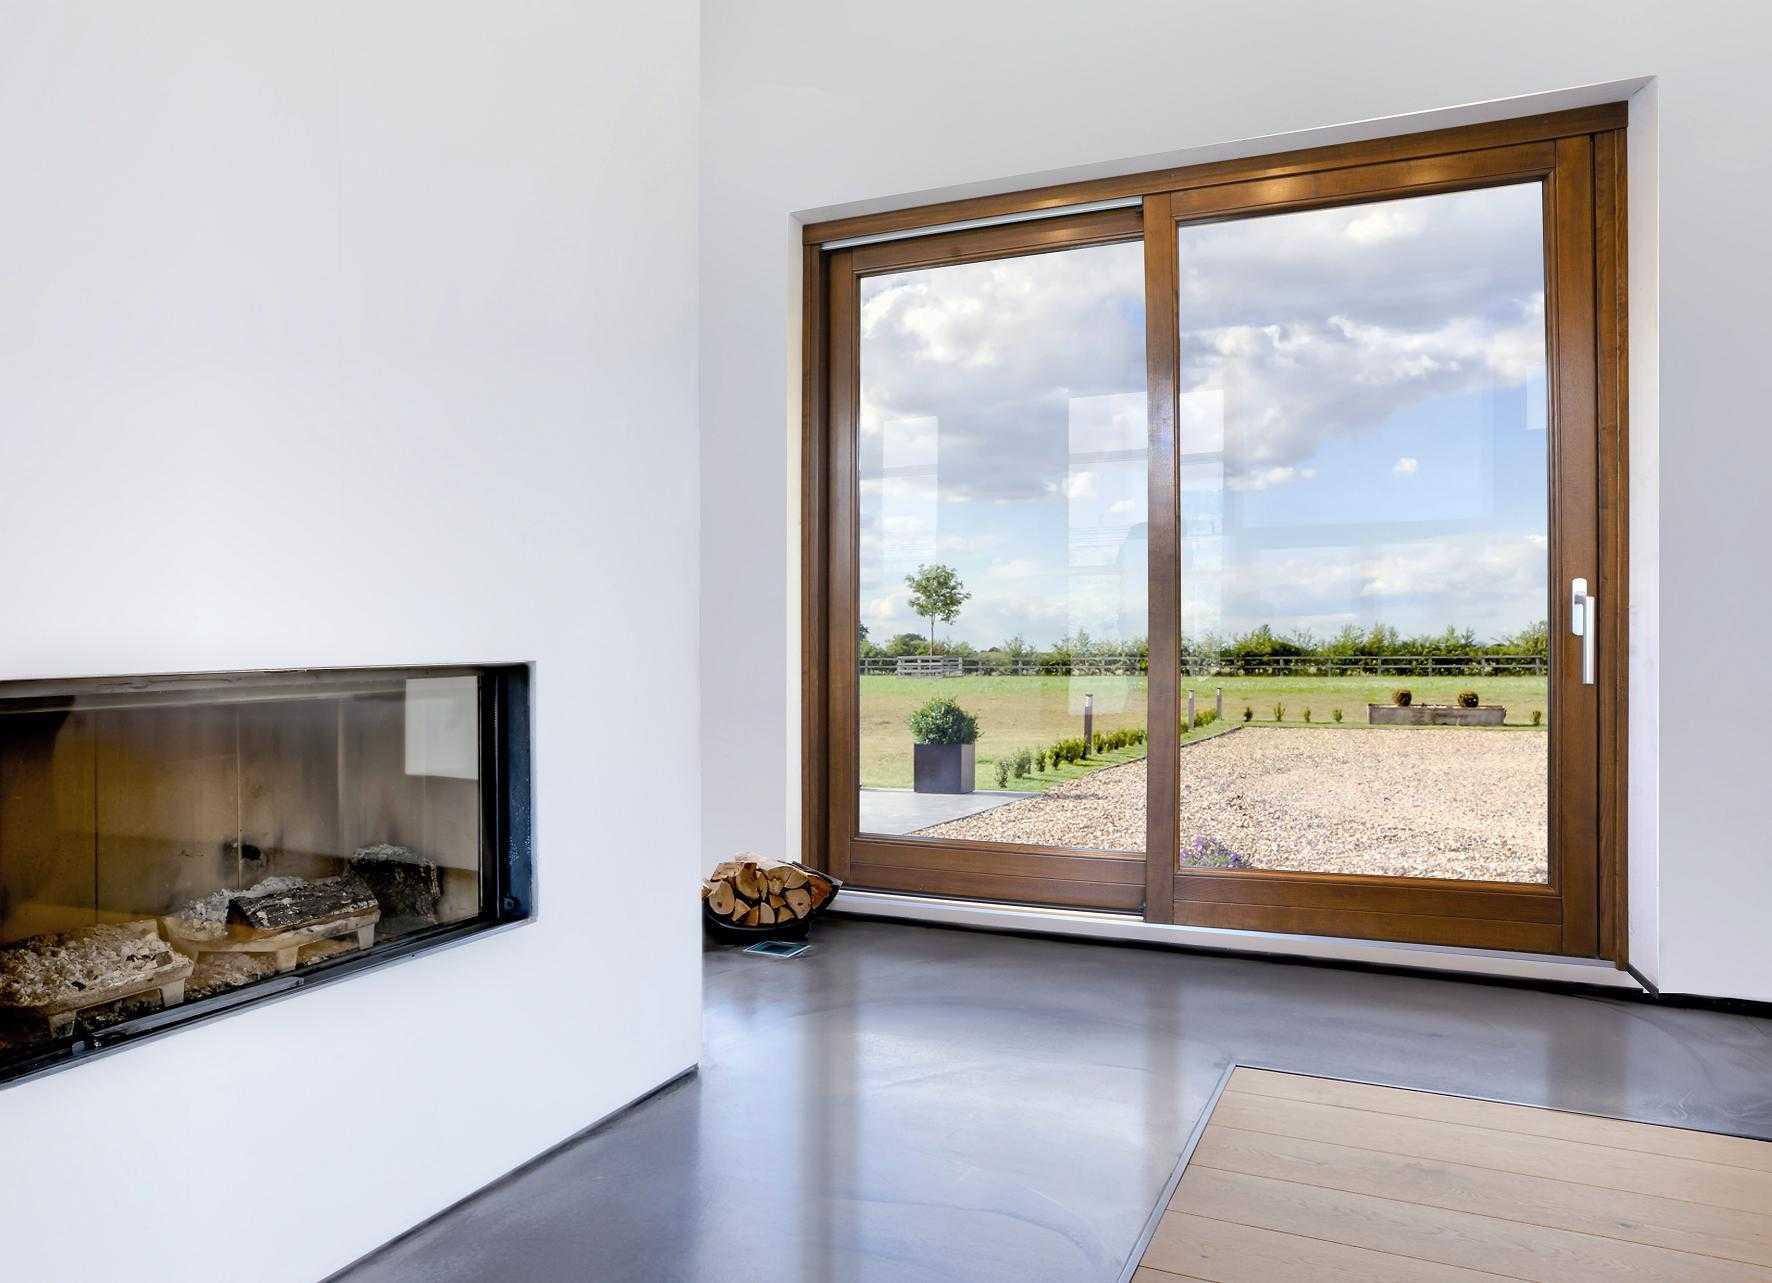 Finiture casa pavimenti rivestimenti infissi per la casa for Infissi legno prezzi